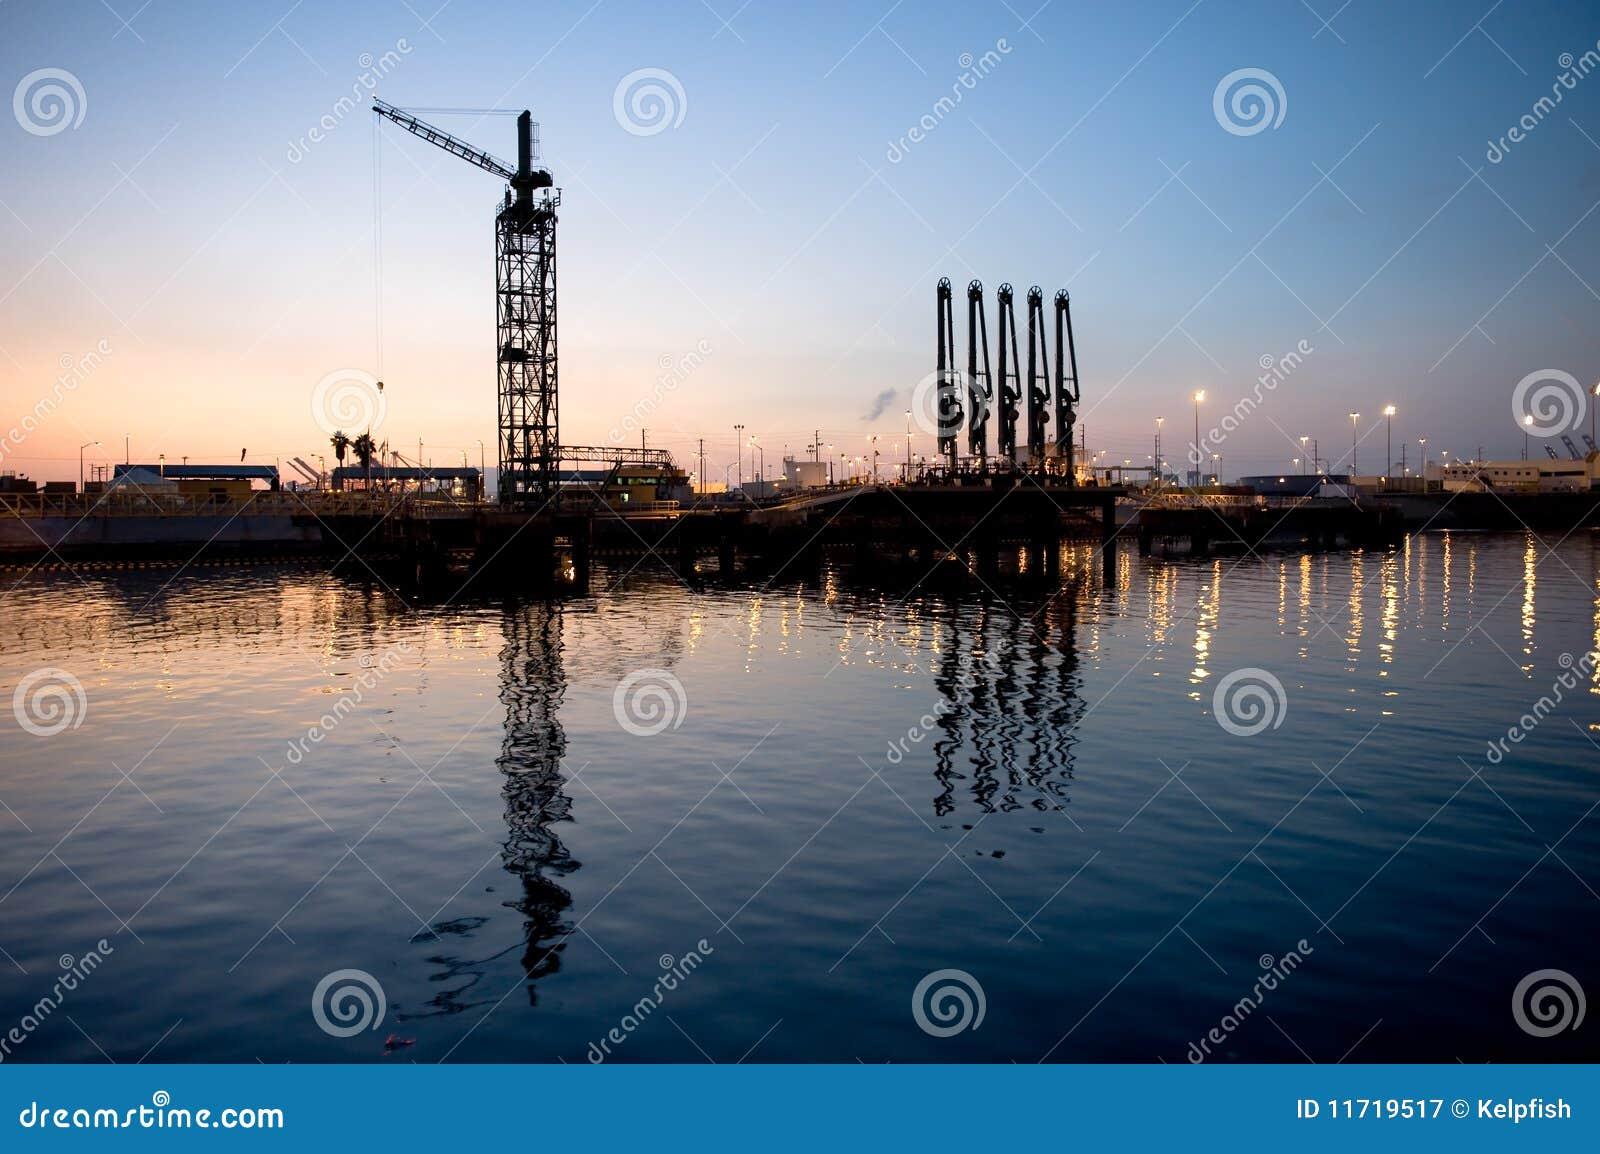 Het leegmaken van de tanker dok